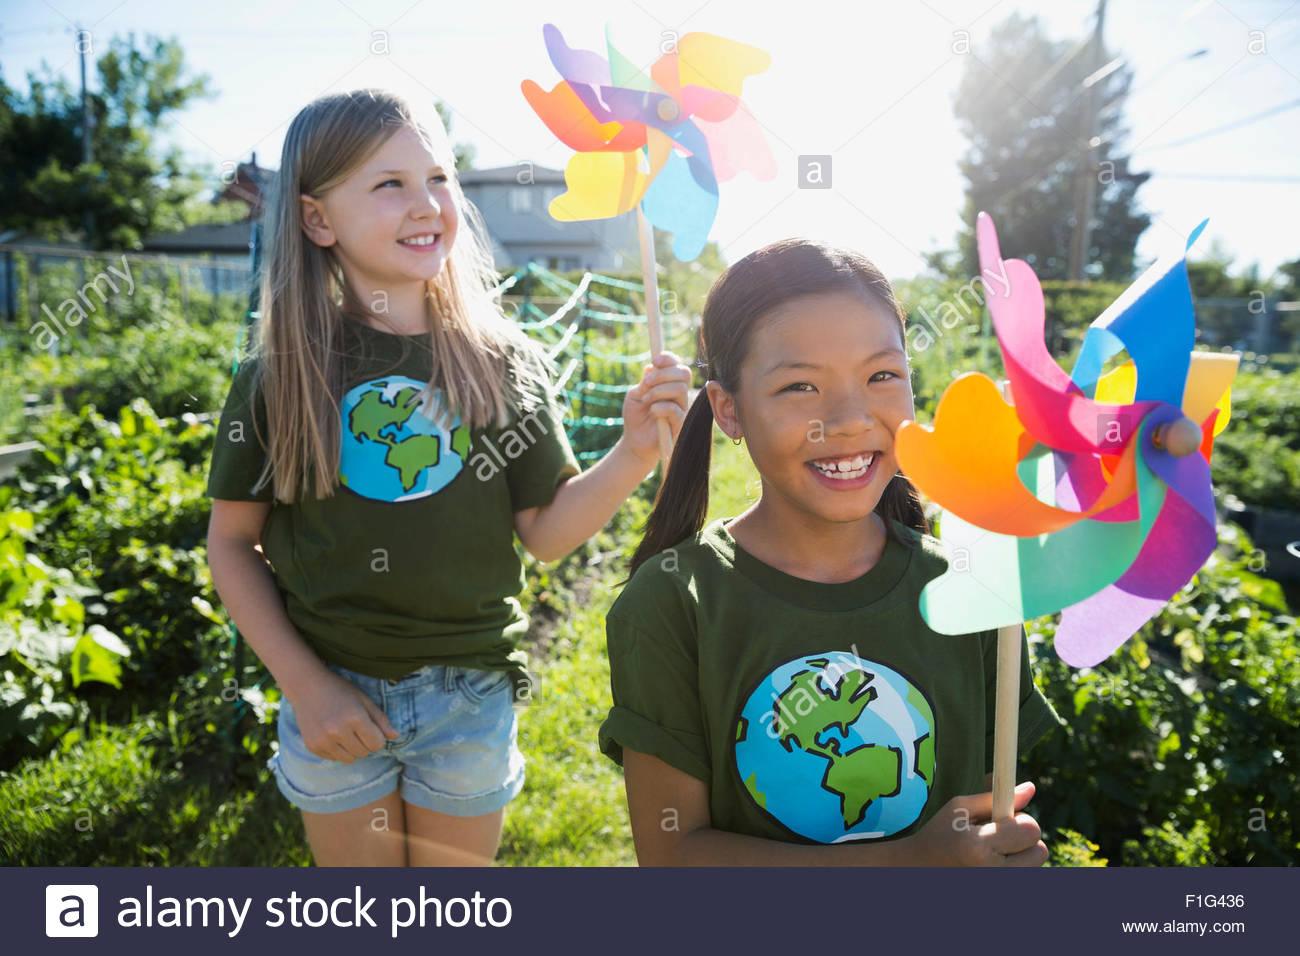 Portrait smiling girls avec roulades dans le jardin ensoleillé Photo Stock